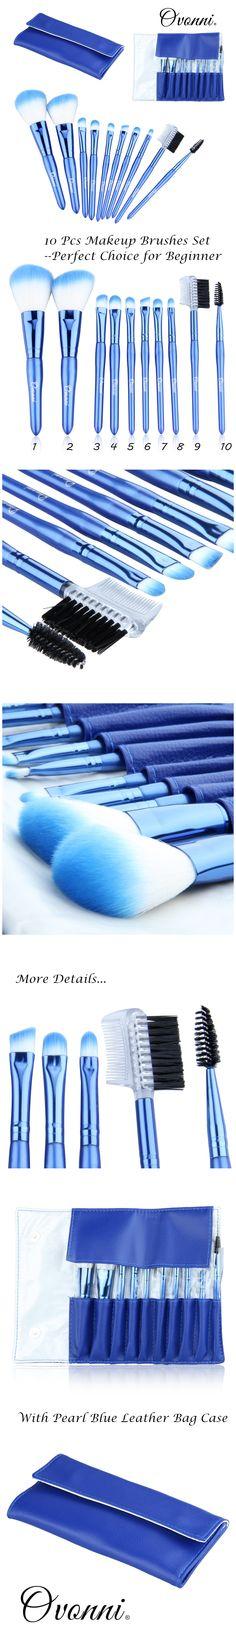 Ovonni 10Pcs Pro Soft Make up Brushes Cosmetic Makeup Brush Set Blue Eyelash Lip w/Case  ww.ebay.co.uk/itm/201217414527